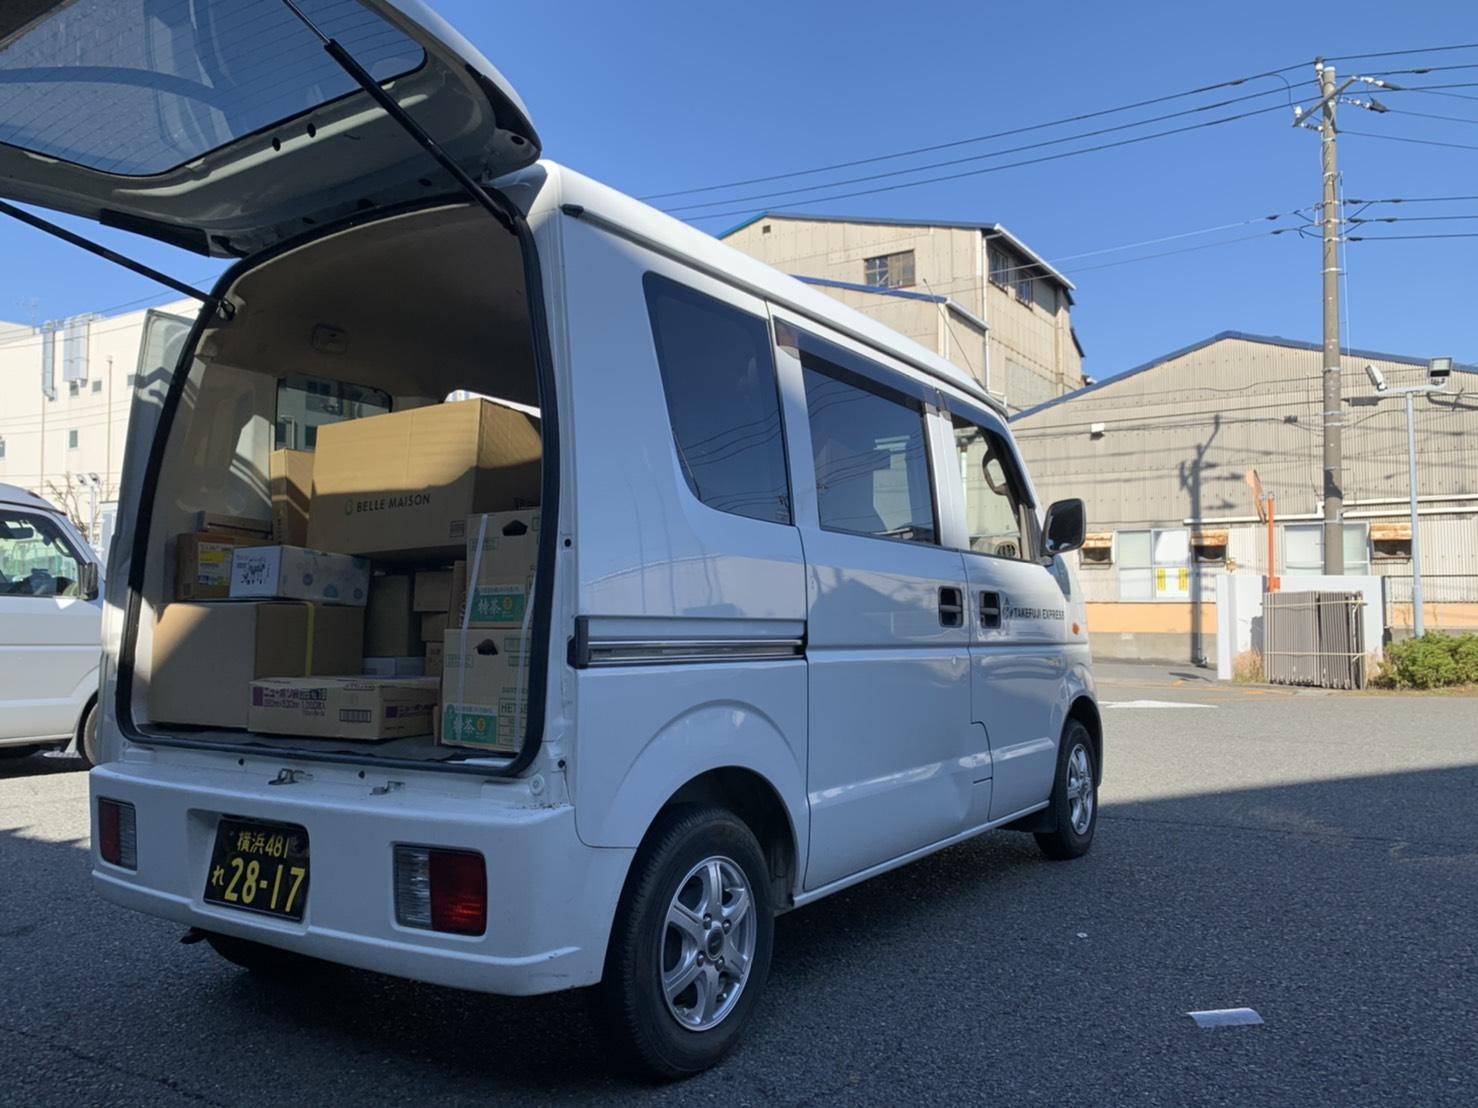 【業務委託】軽貨物ドライバー募集中!